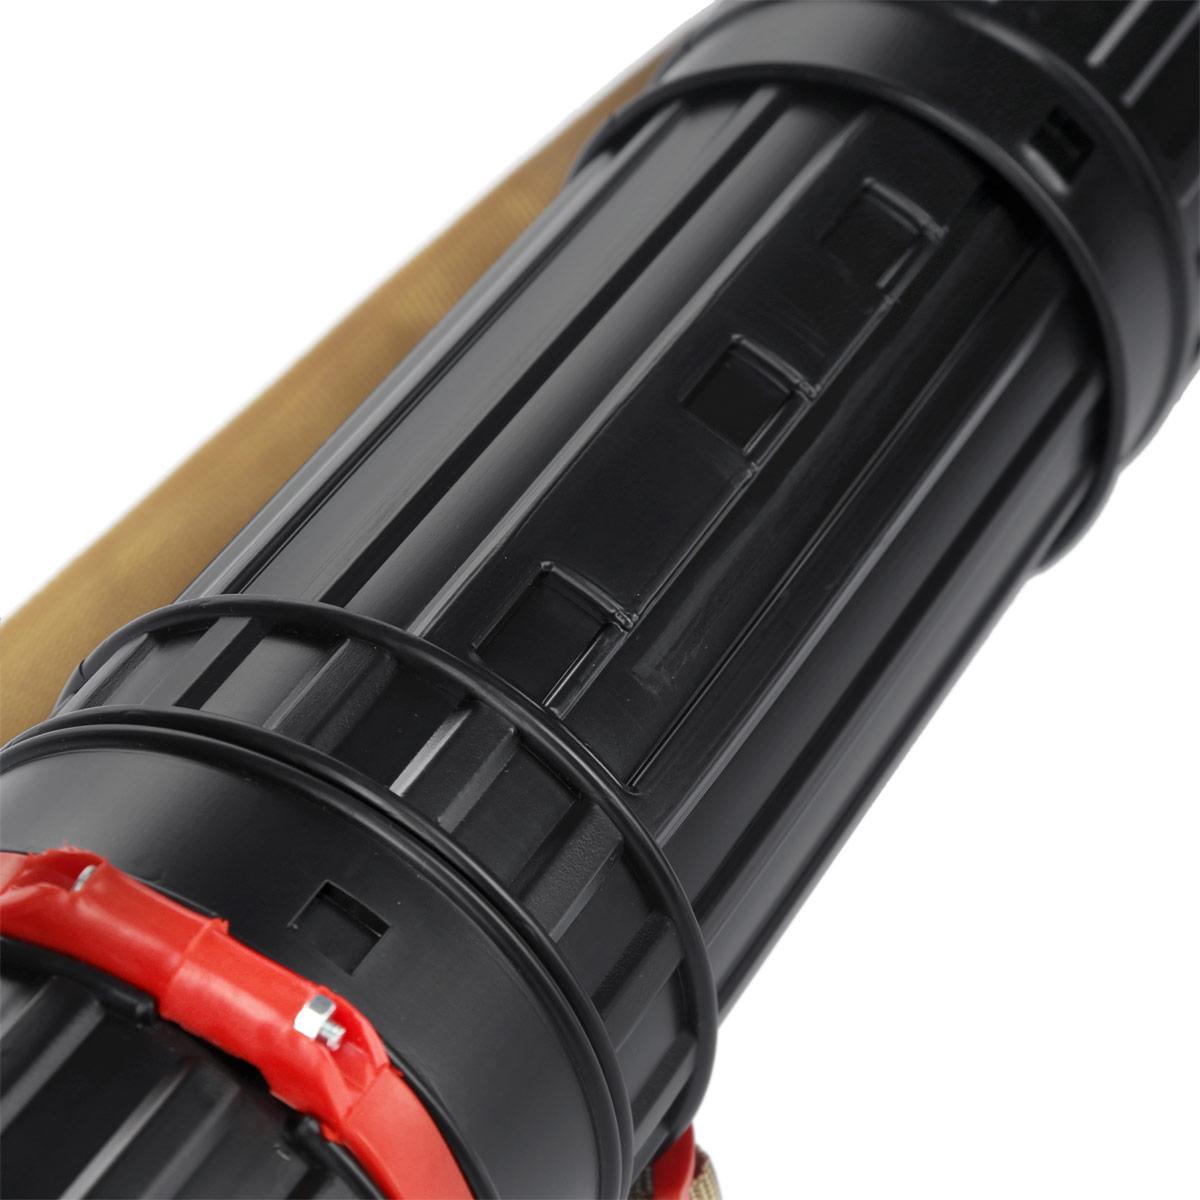 Тубус телескопический, пластмассовый, D= 9 cм, L=70-110 см, черный, на ремне, арт.  ПТ11